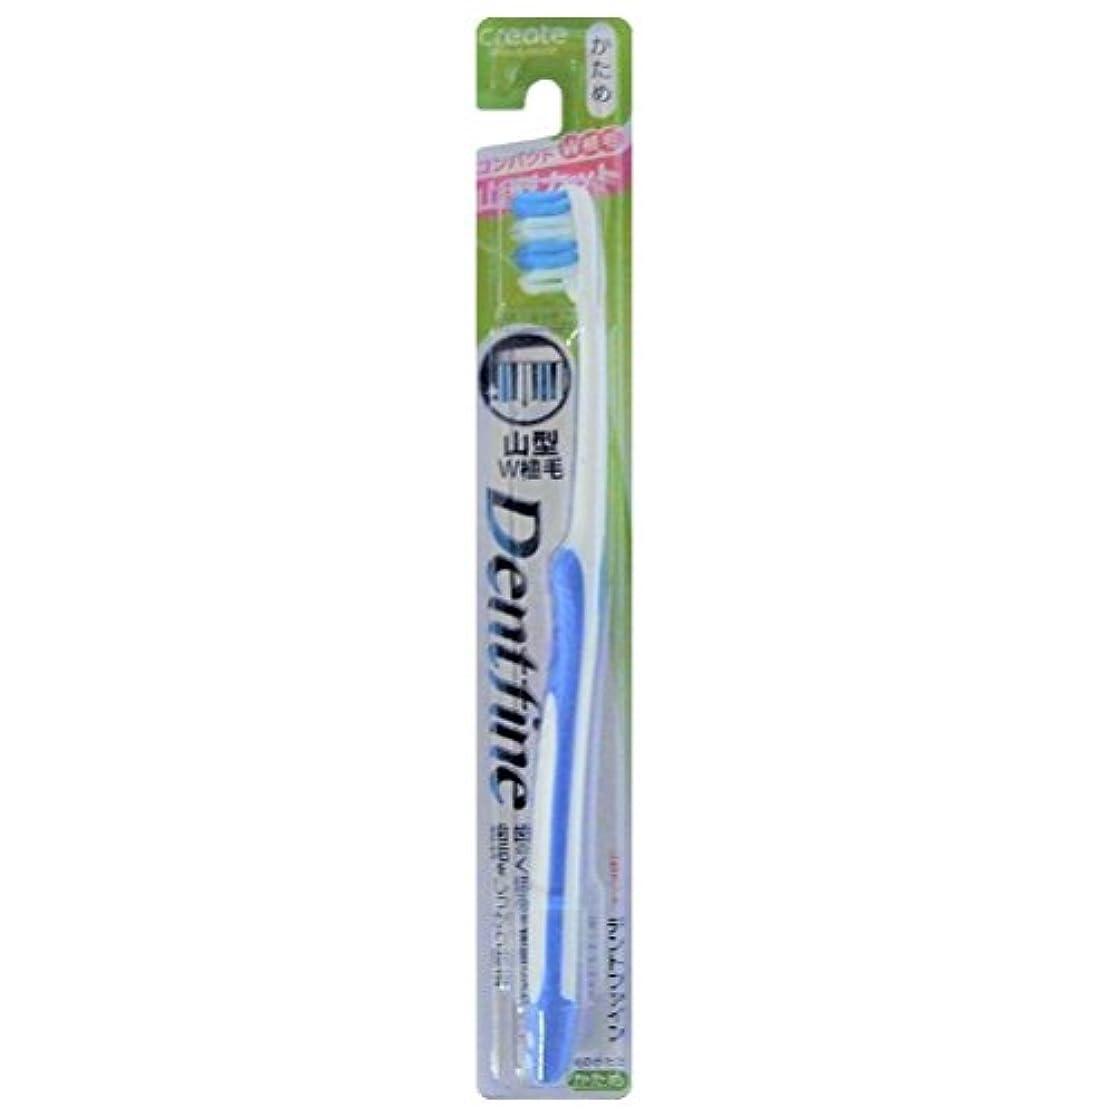 寝る使用法ヒントデントファイン ラバーグリップ 山切りカット 歯ブラシ かため 1本:ブルー